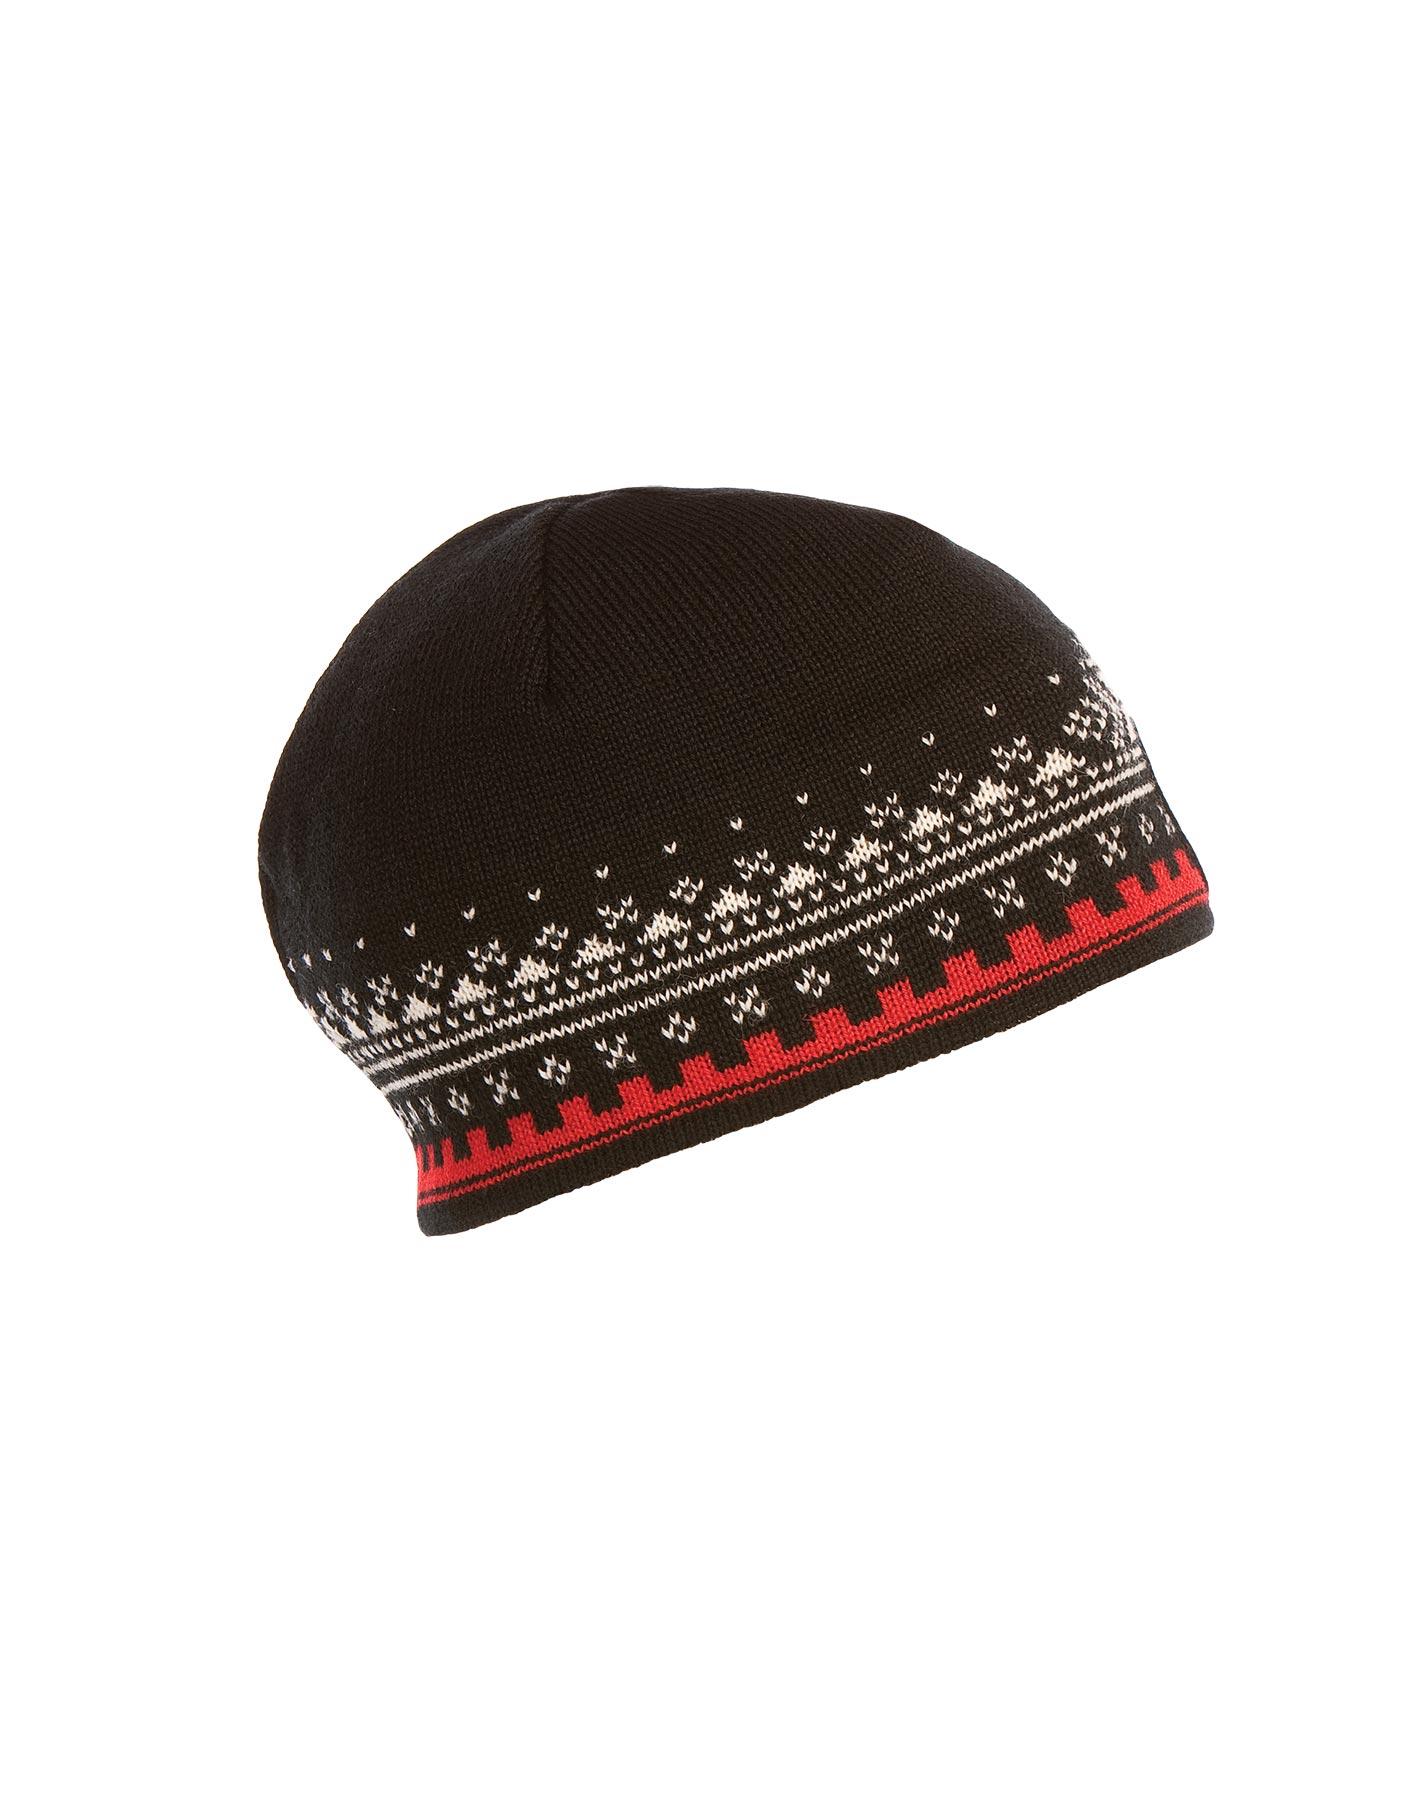 Anniversary Hat